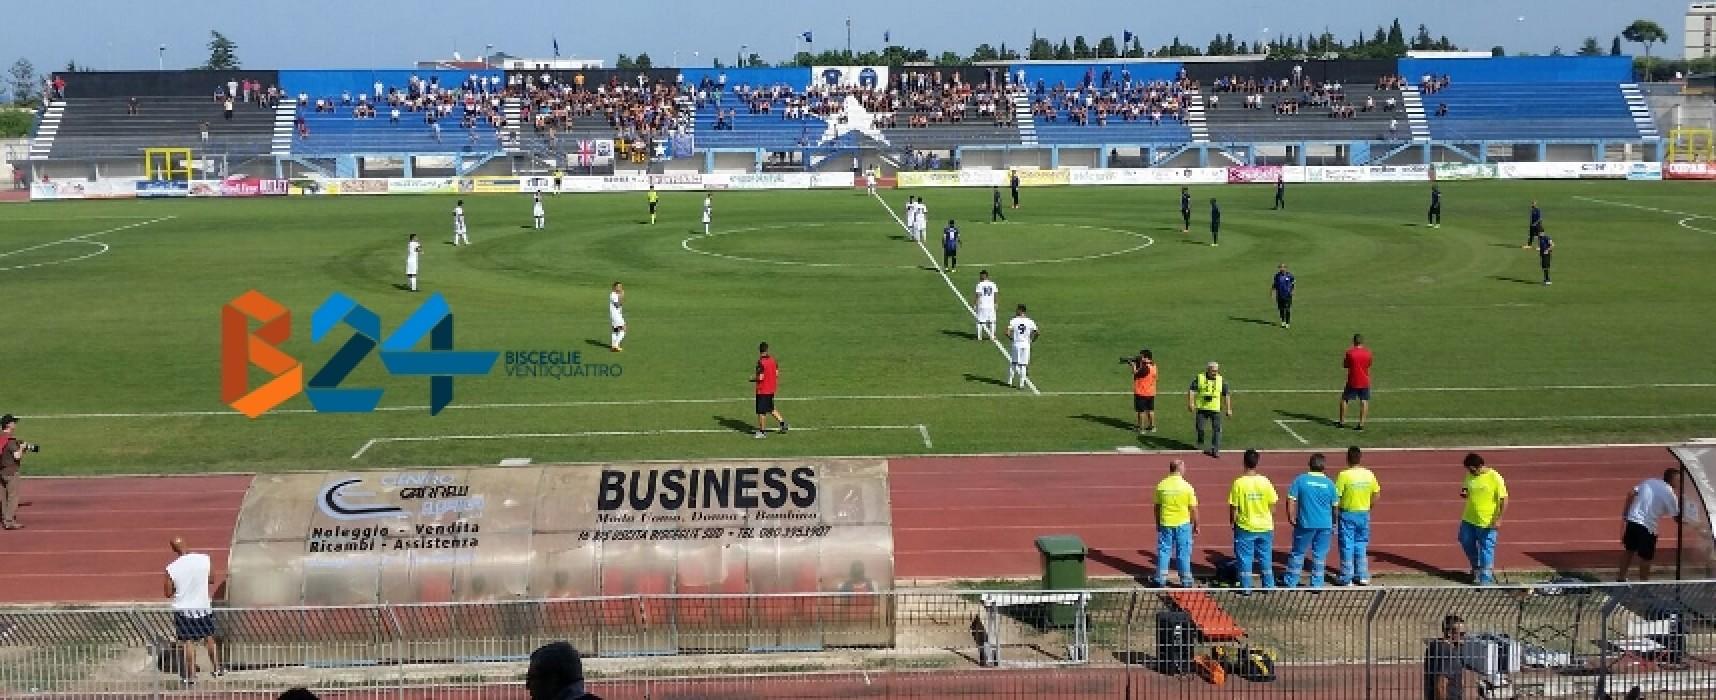 Grande vittoria per il Bisceglie Calcio, sconfitto 2-1 il Taranto